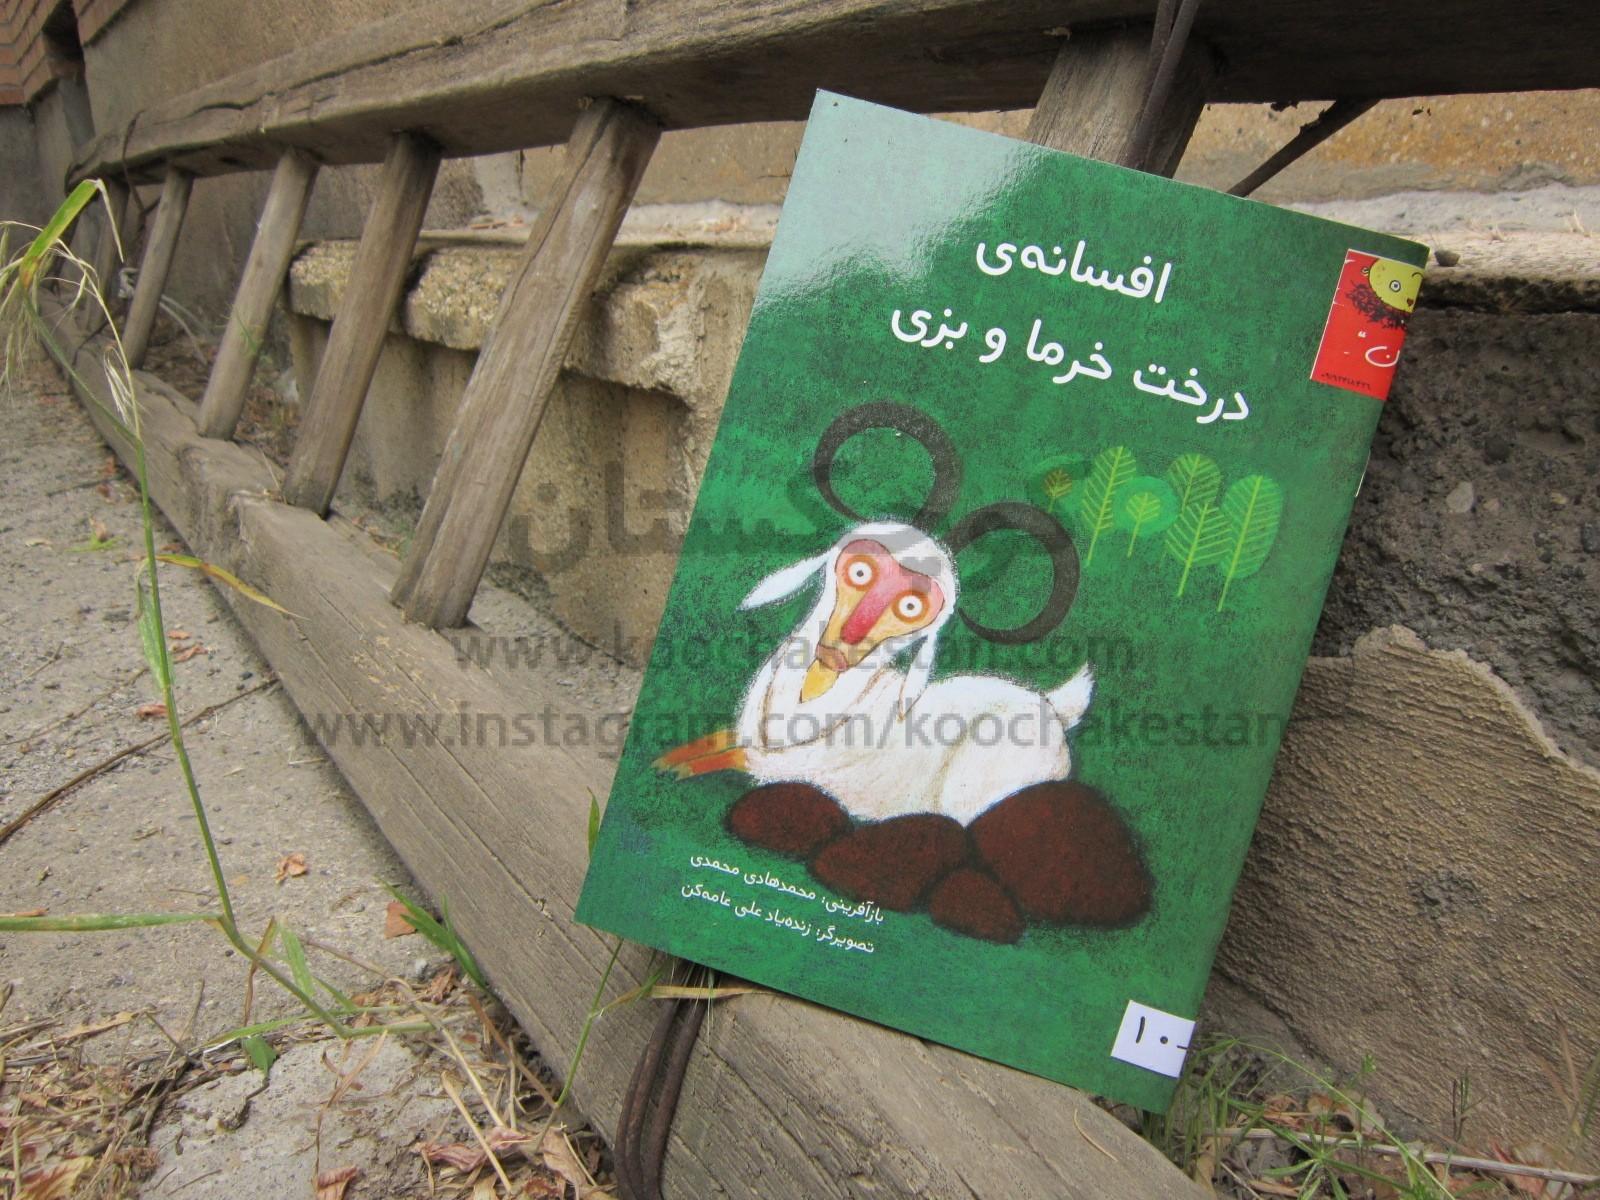 معرفی کتاب کودک: افسانه ی درخت خرما و بزی